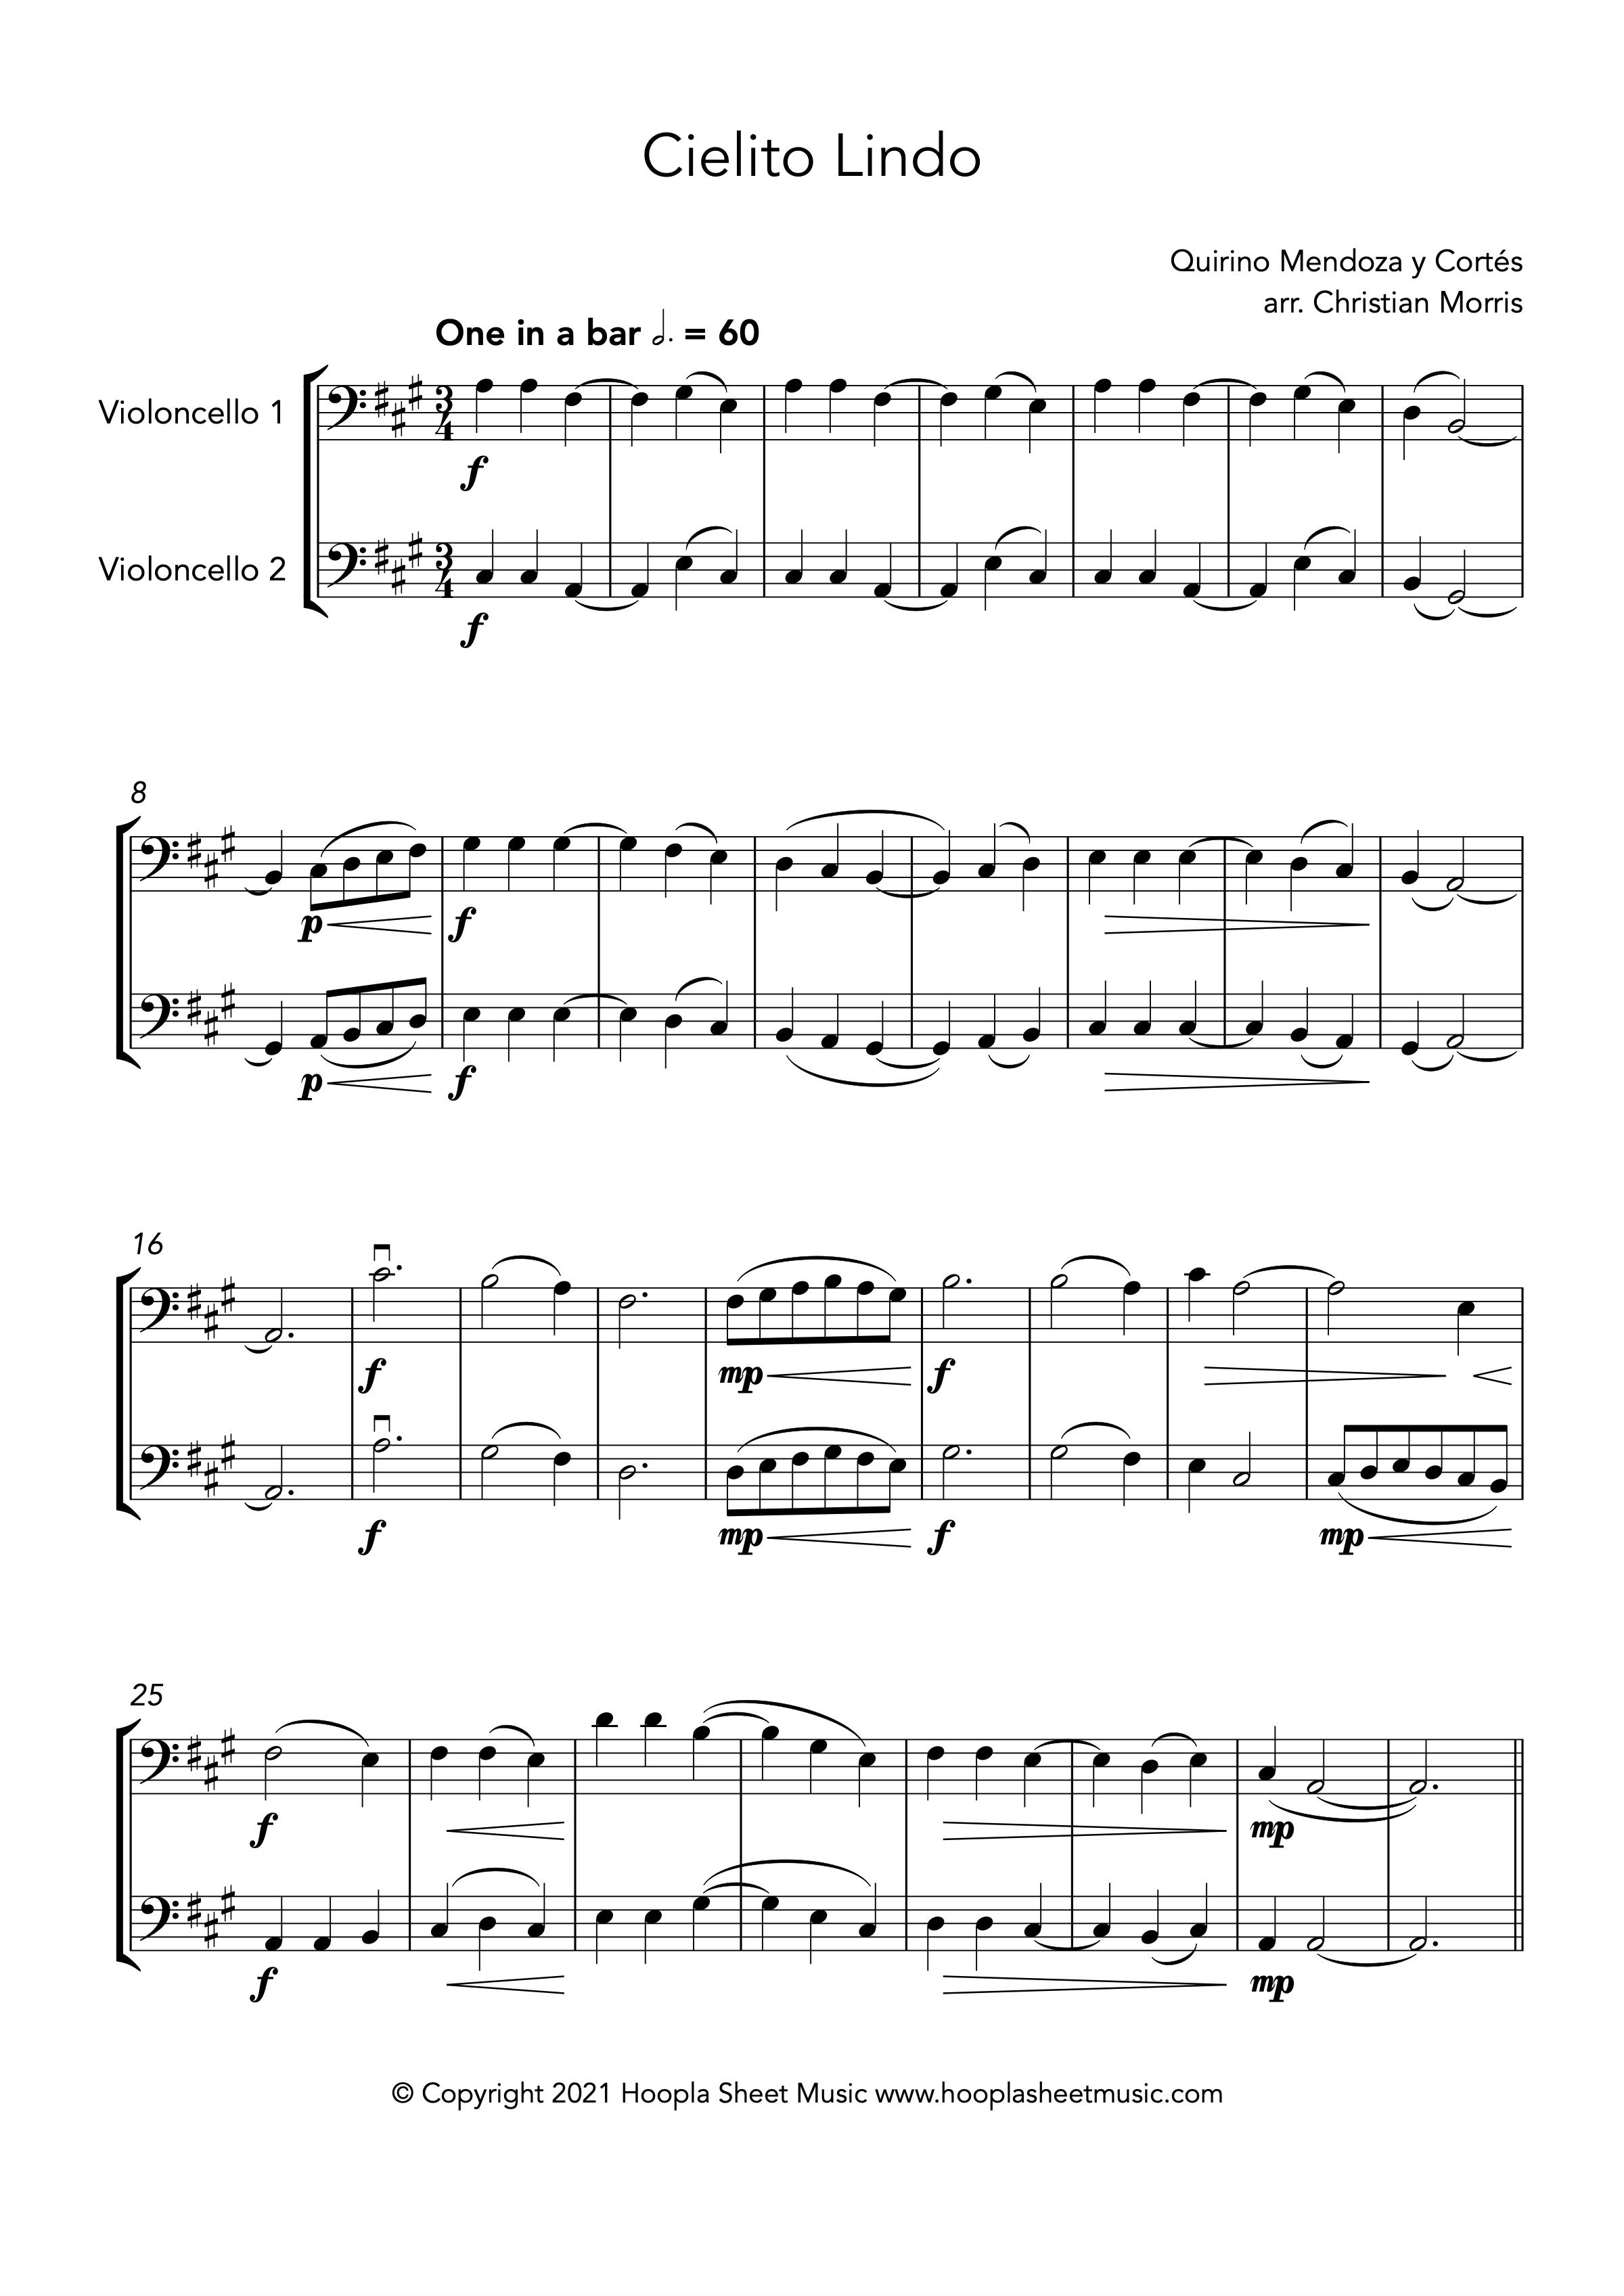 Cielito Lindo (Cello Duet)